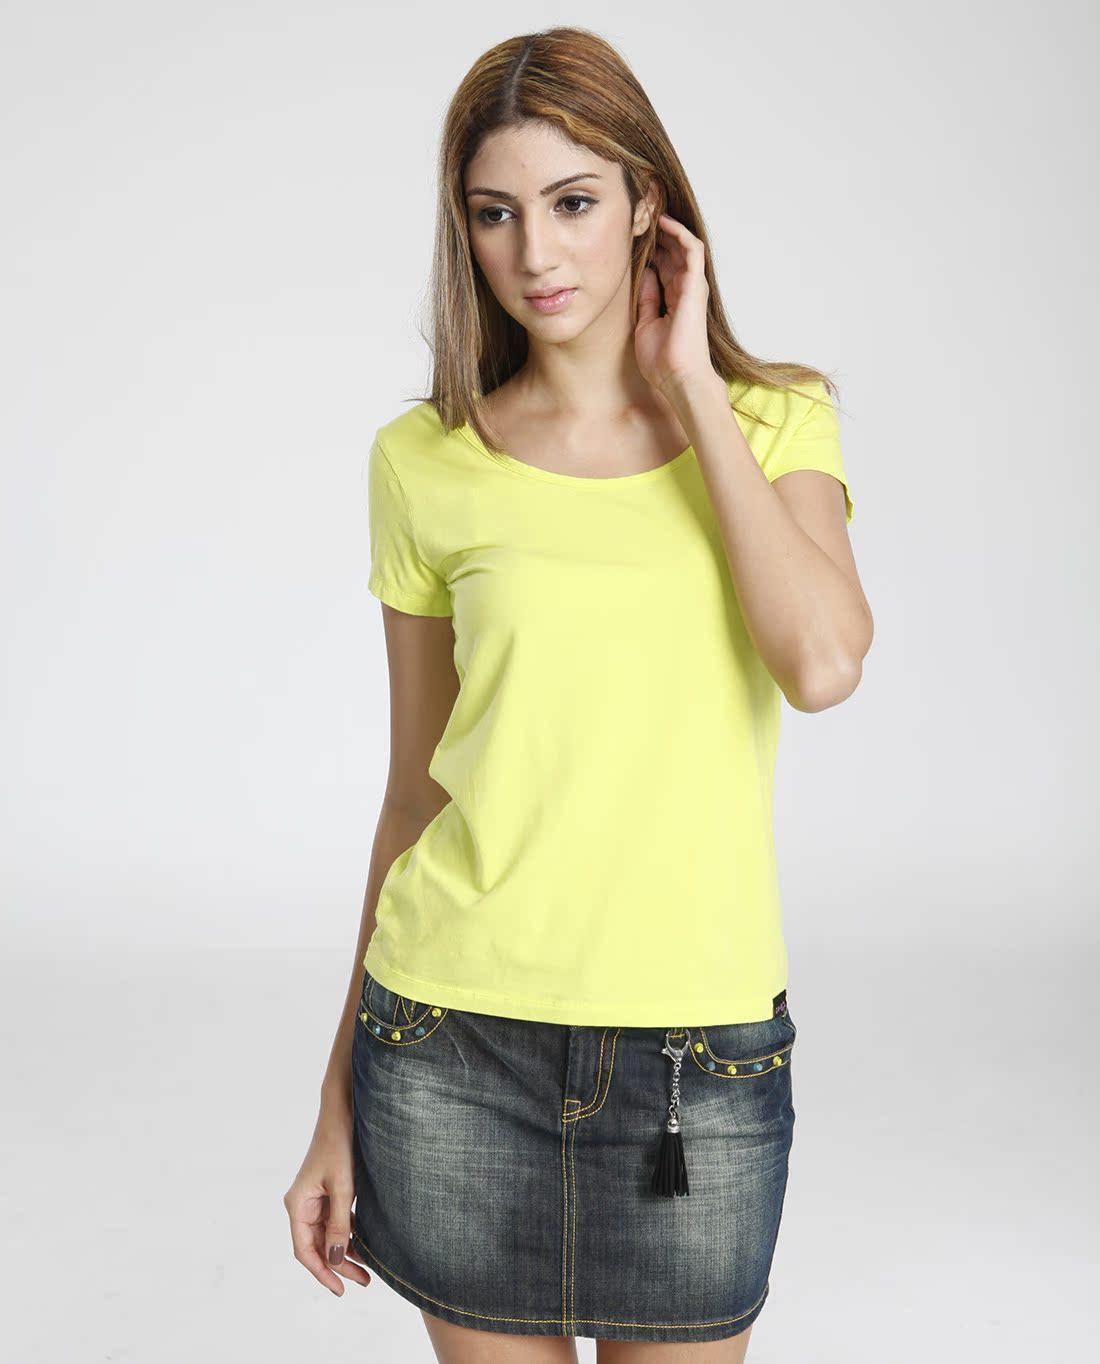 Основной цвет: жёлтый цвет